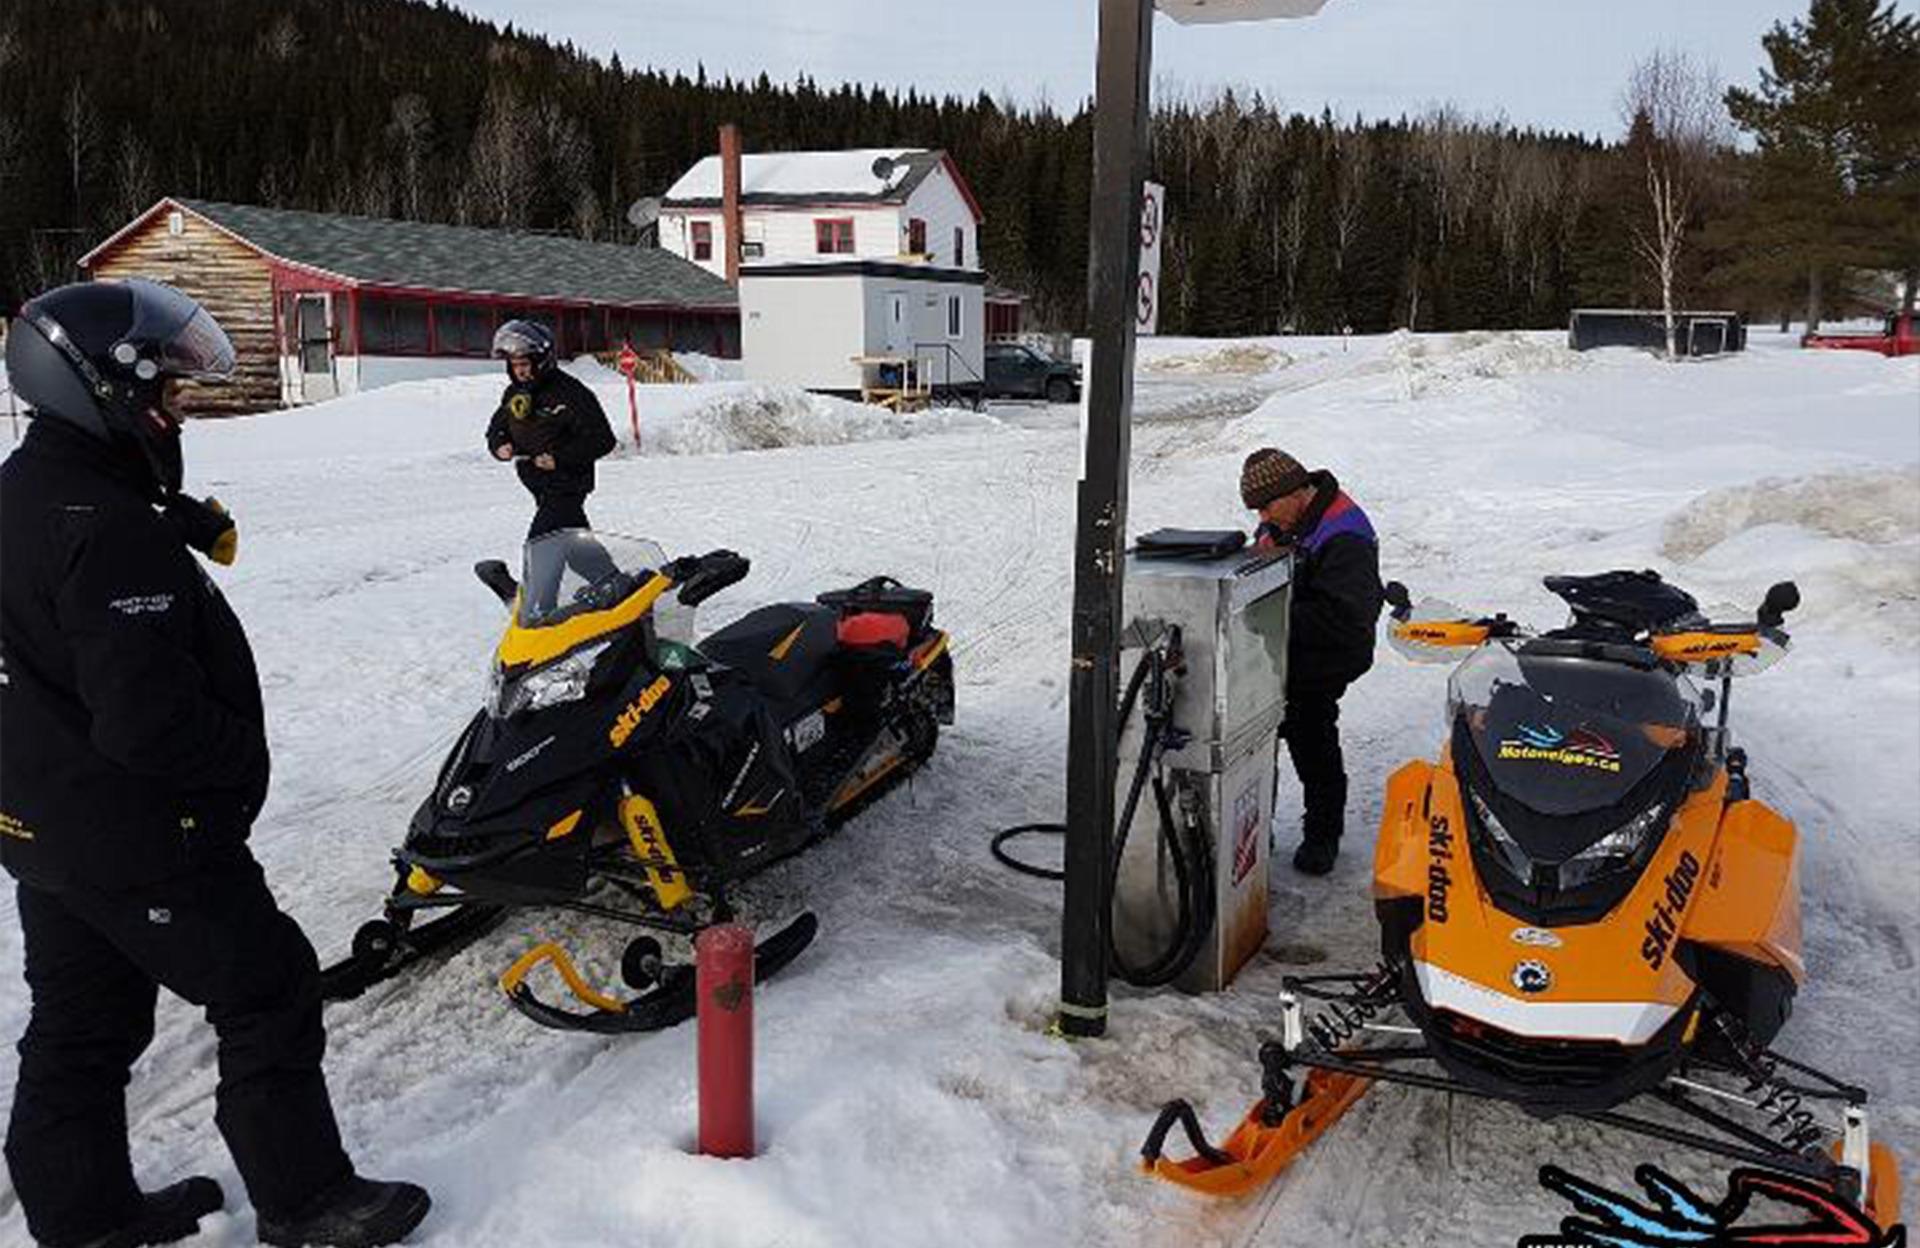 Gas available at Relais de la Cache